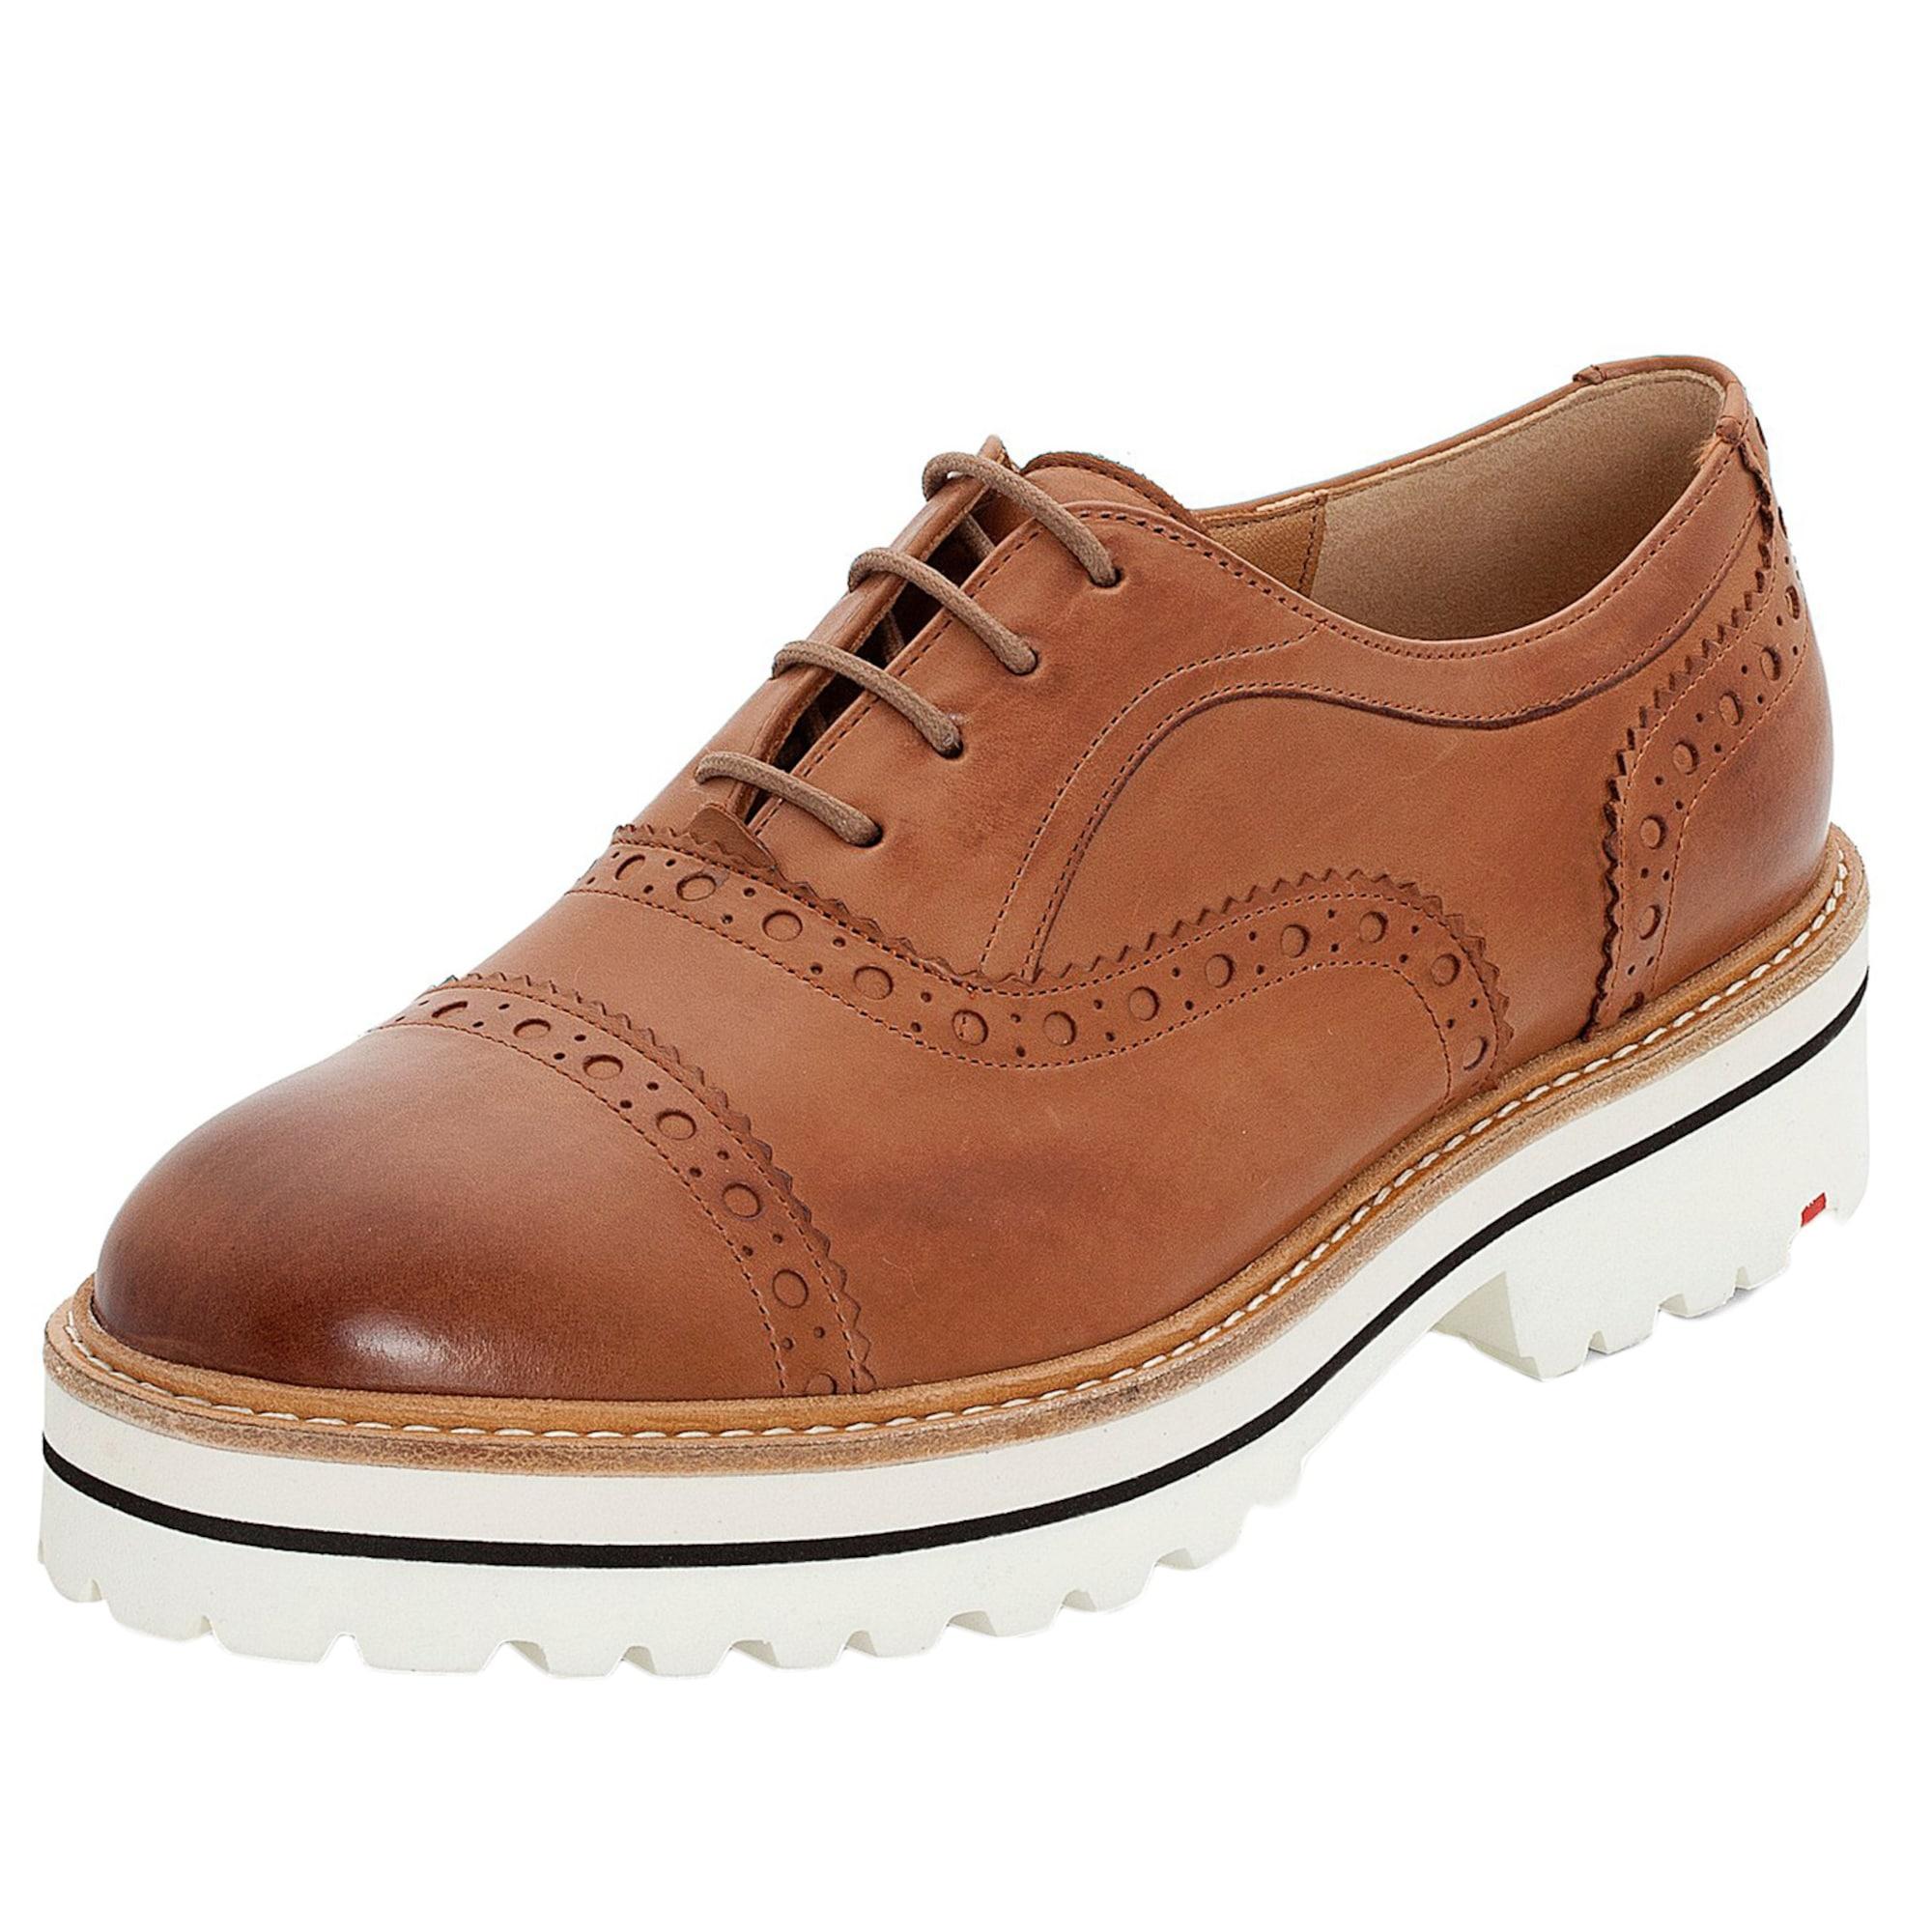 Schuh   Schuhe > Stiefeletten > Schnürstiefeletten   Lloyd